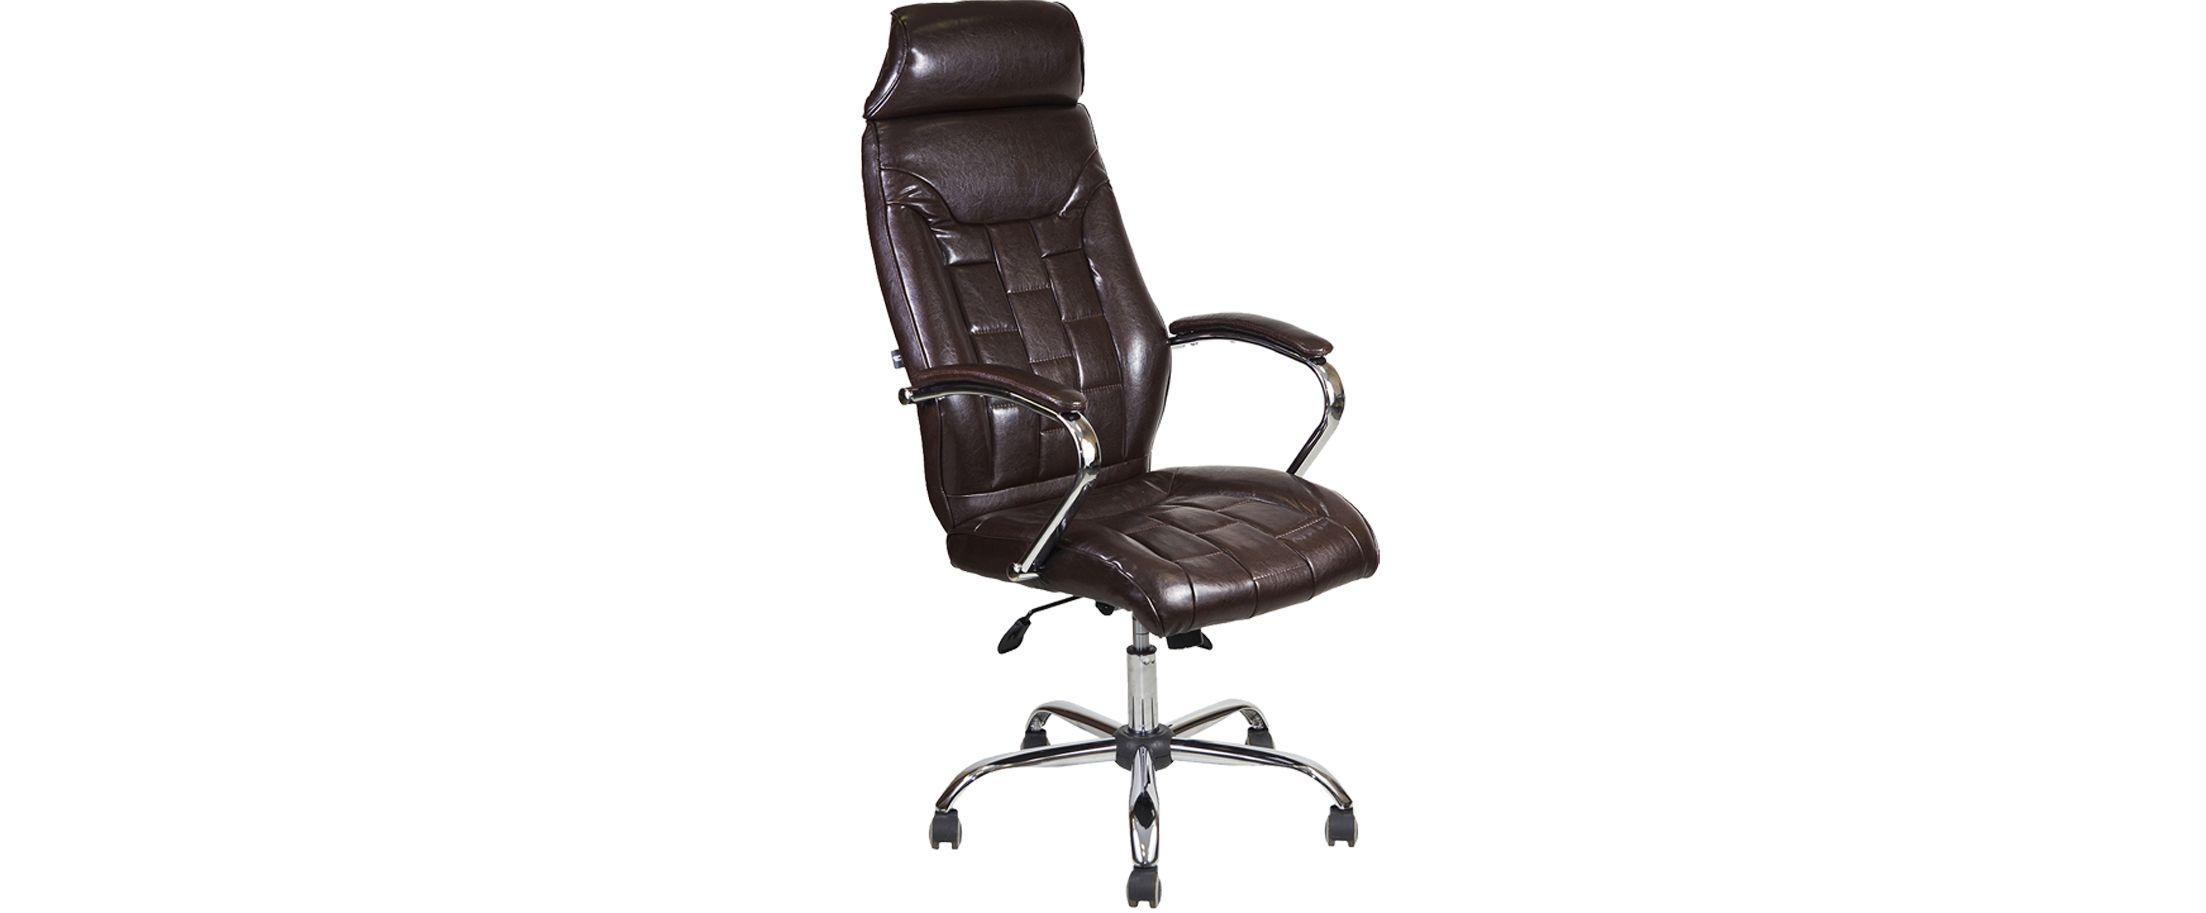 Кресло офисное AV 130 из экокожи цвет шоколад Модель 999Кресло офисное AV 130 из экокожи цвет шоколад Модель 999. Артикул Д000718<br>